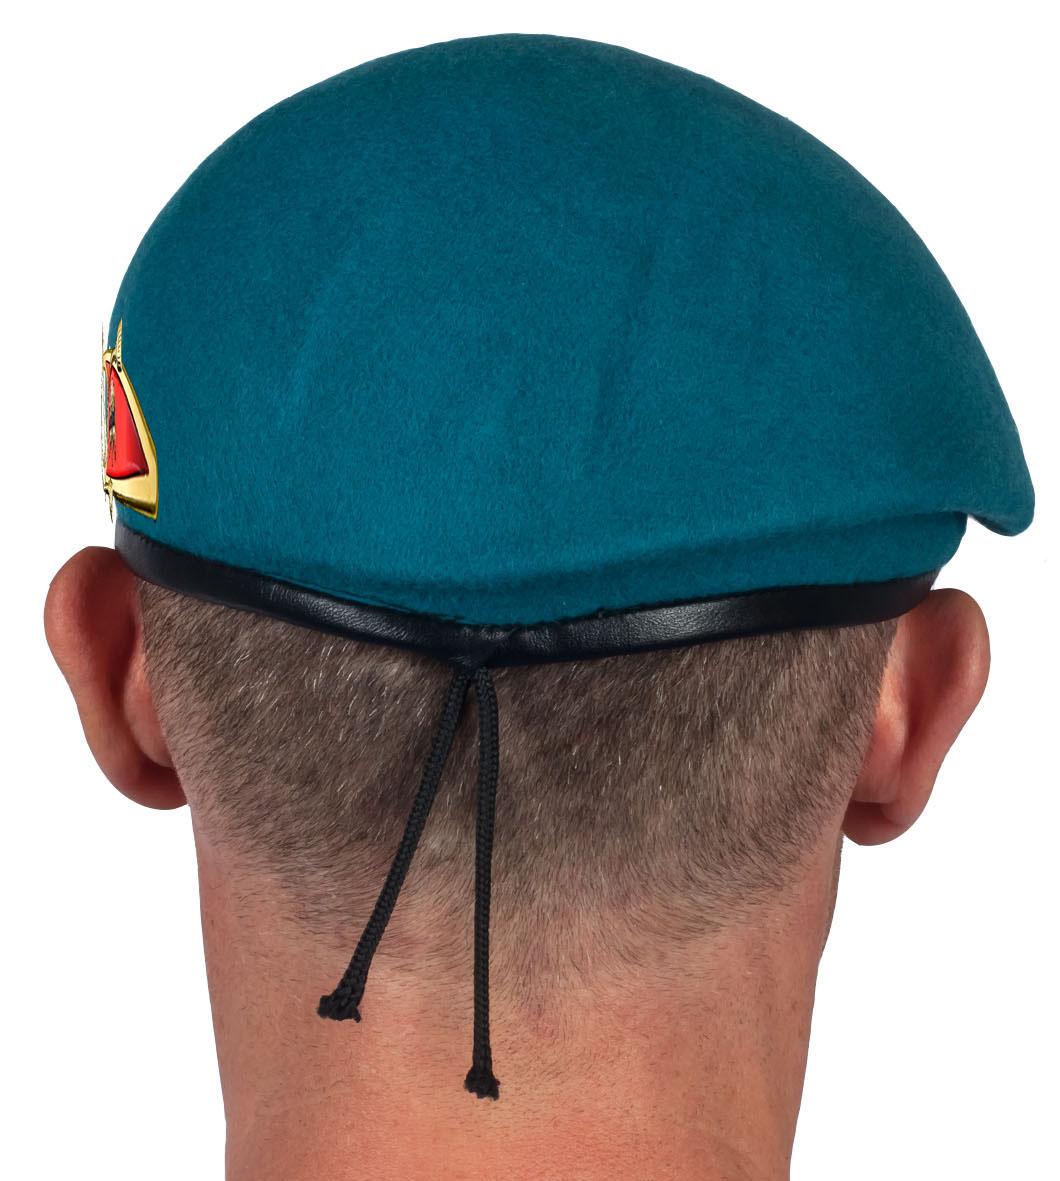 Заказать берет с околышем Спецназ